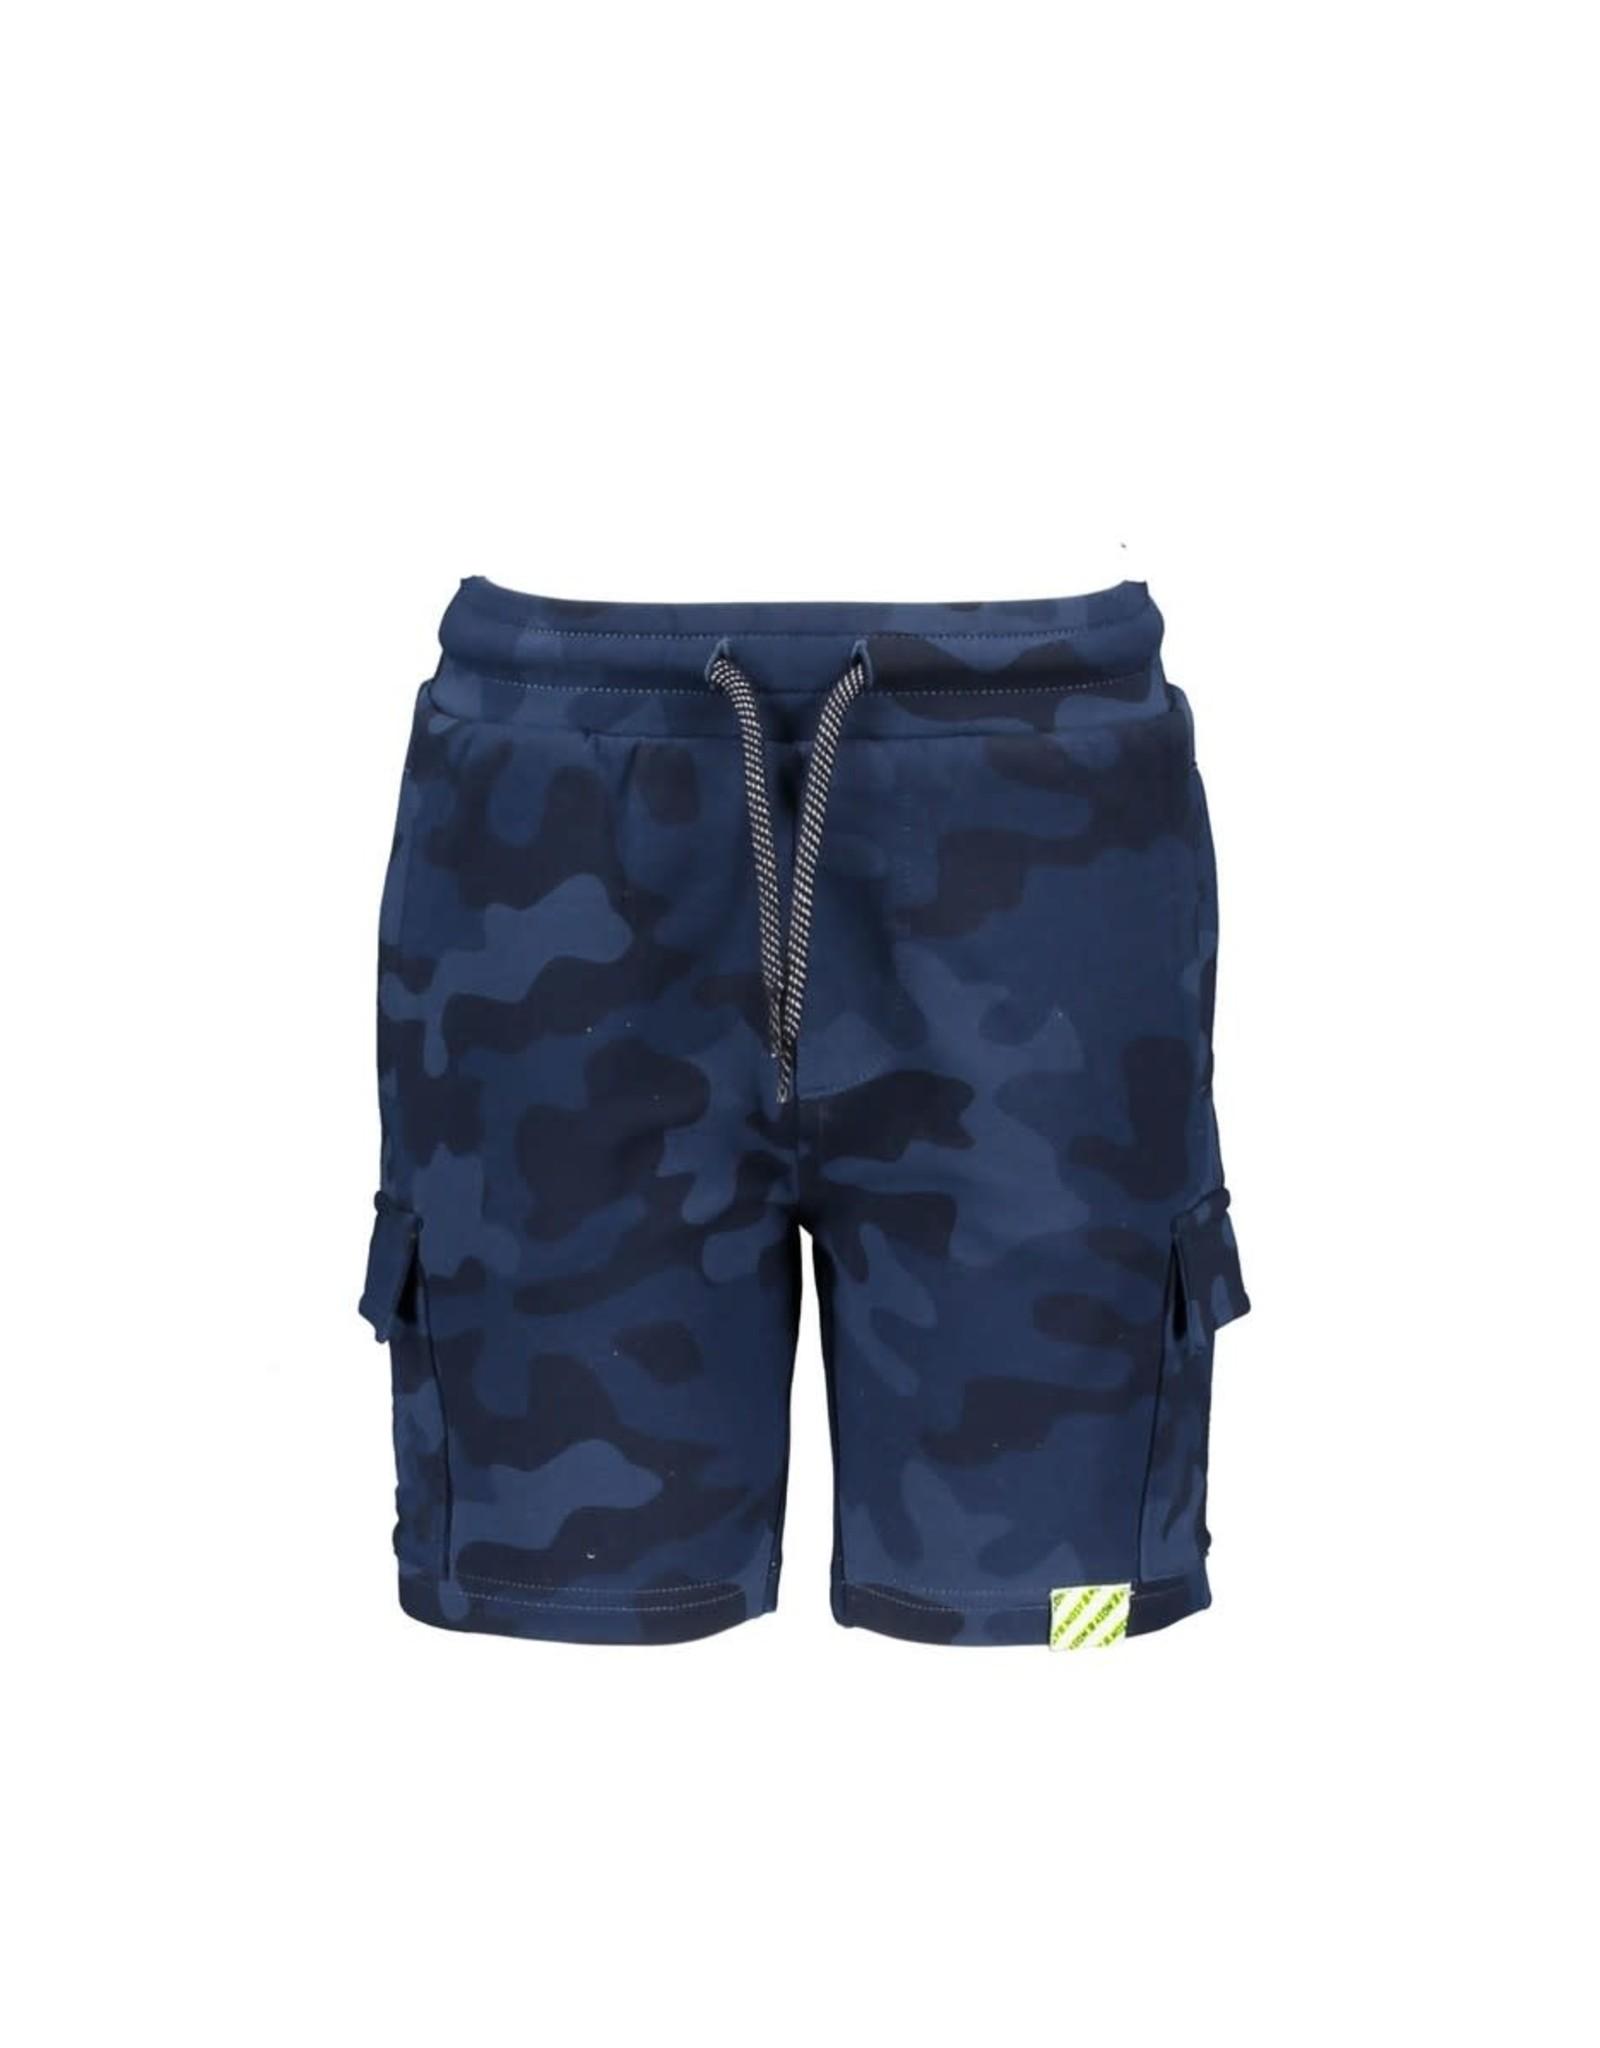 B.Nosy B.Nosy jongens korte joggingbroek Camo Space Blue